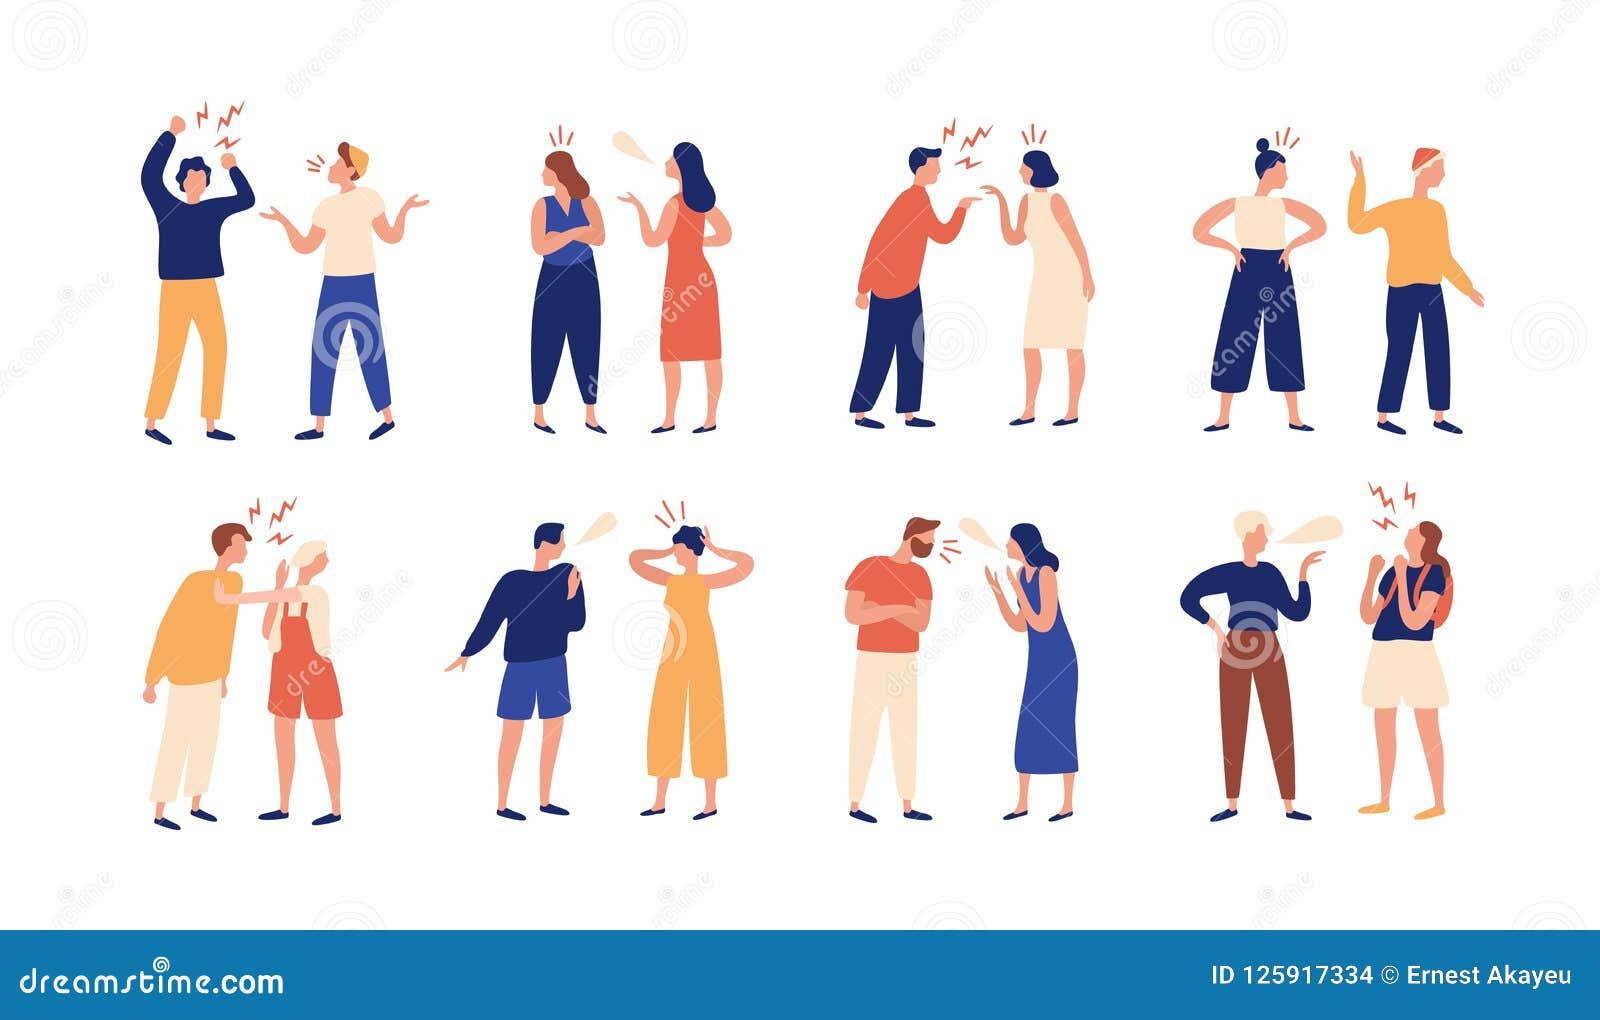 Desacuerdo Ilustraciones Stock, Vectores, Y Clipart